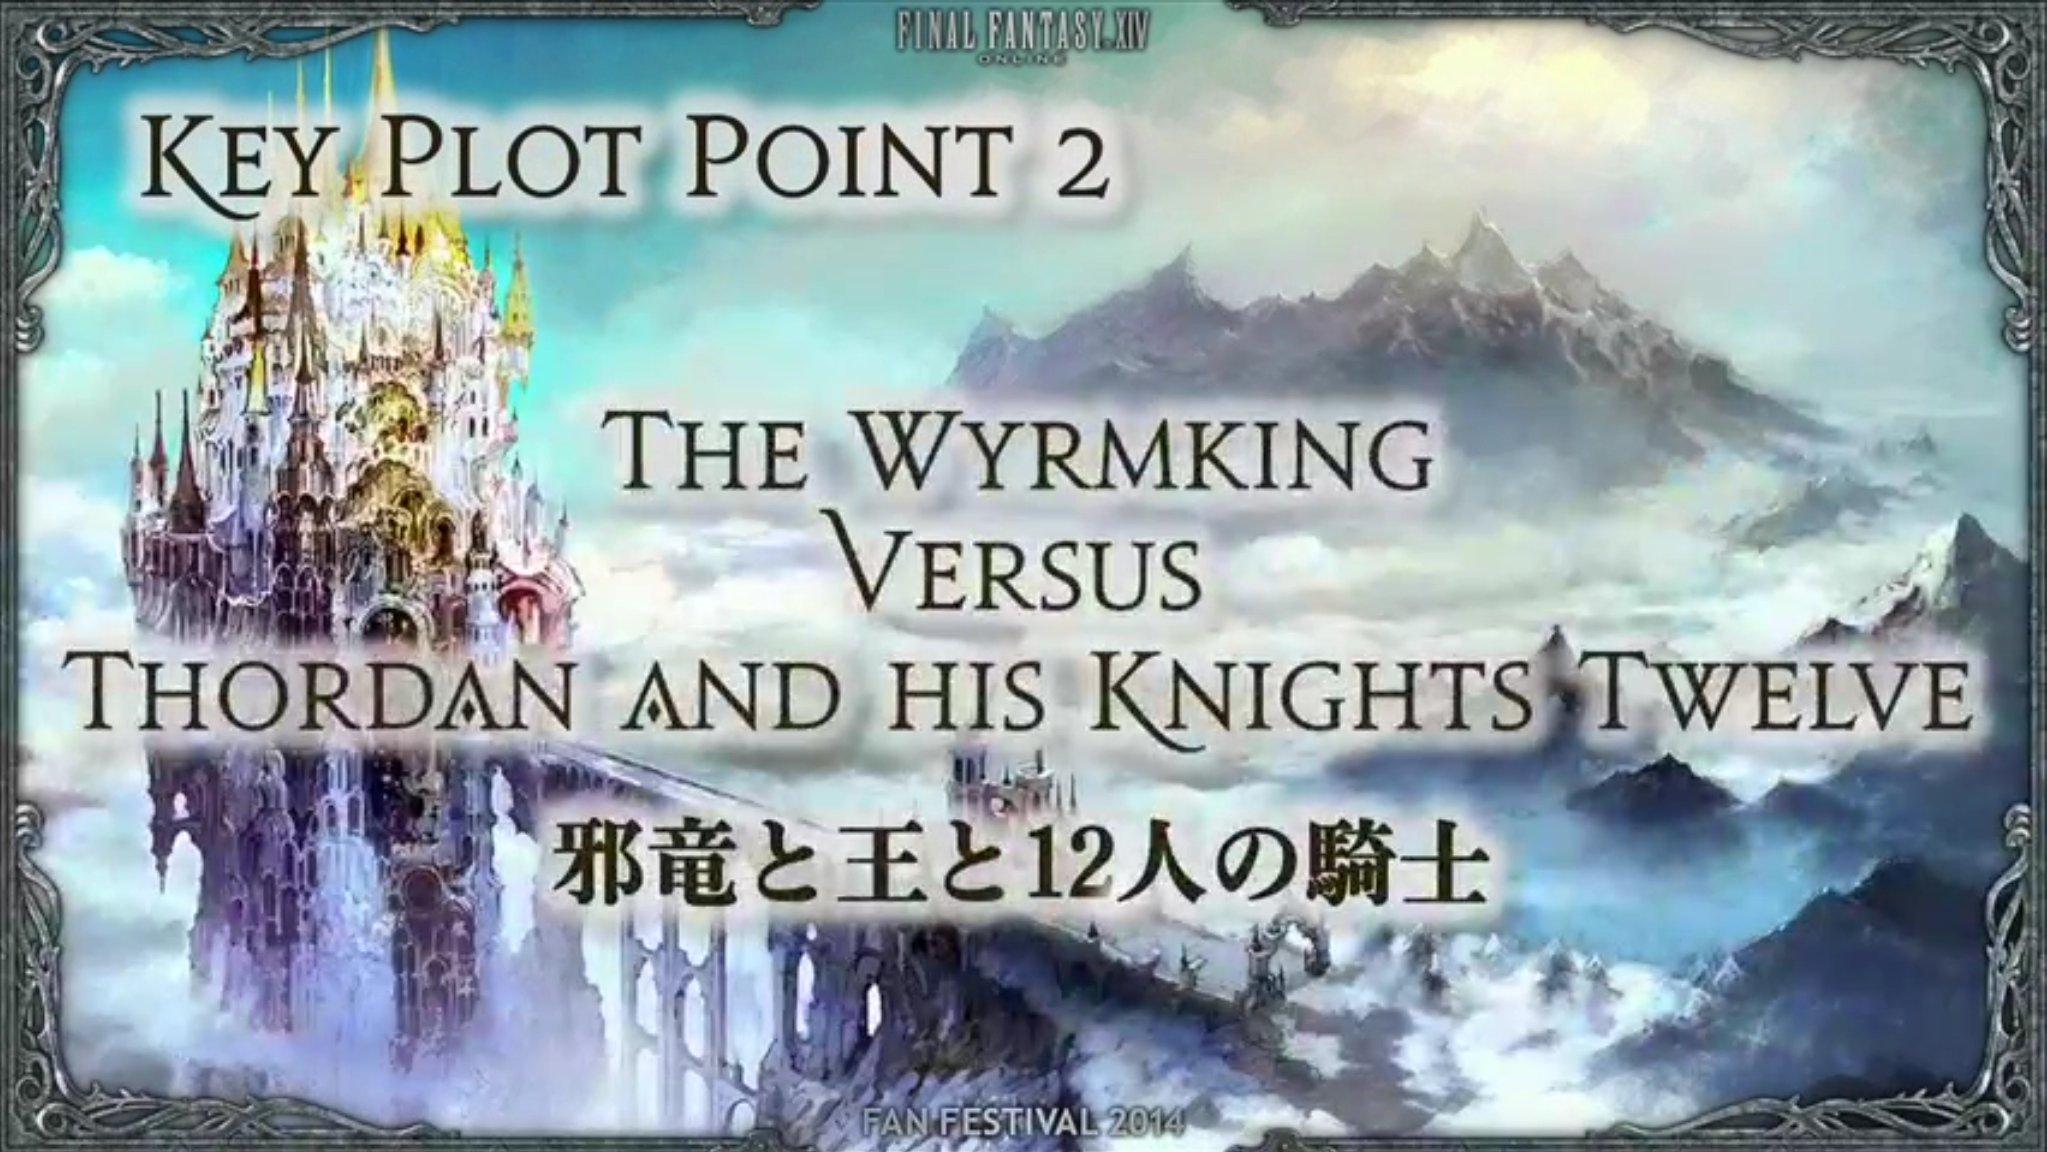 キープロットその2「邪竜と王と12人の騎士」